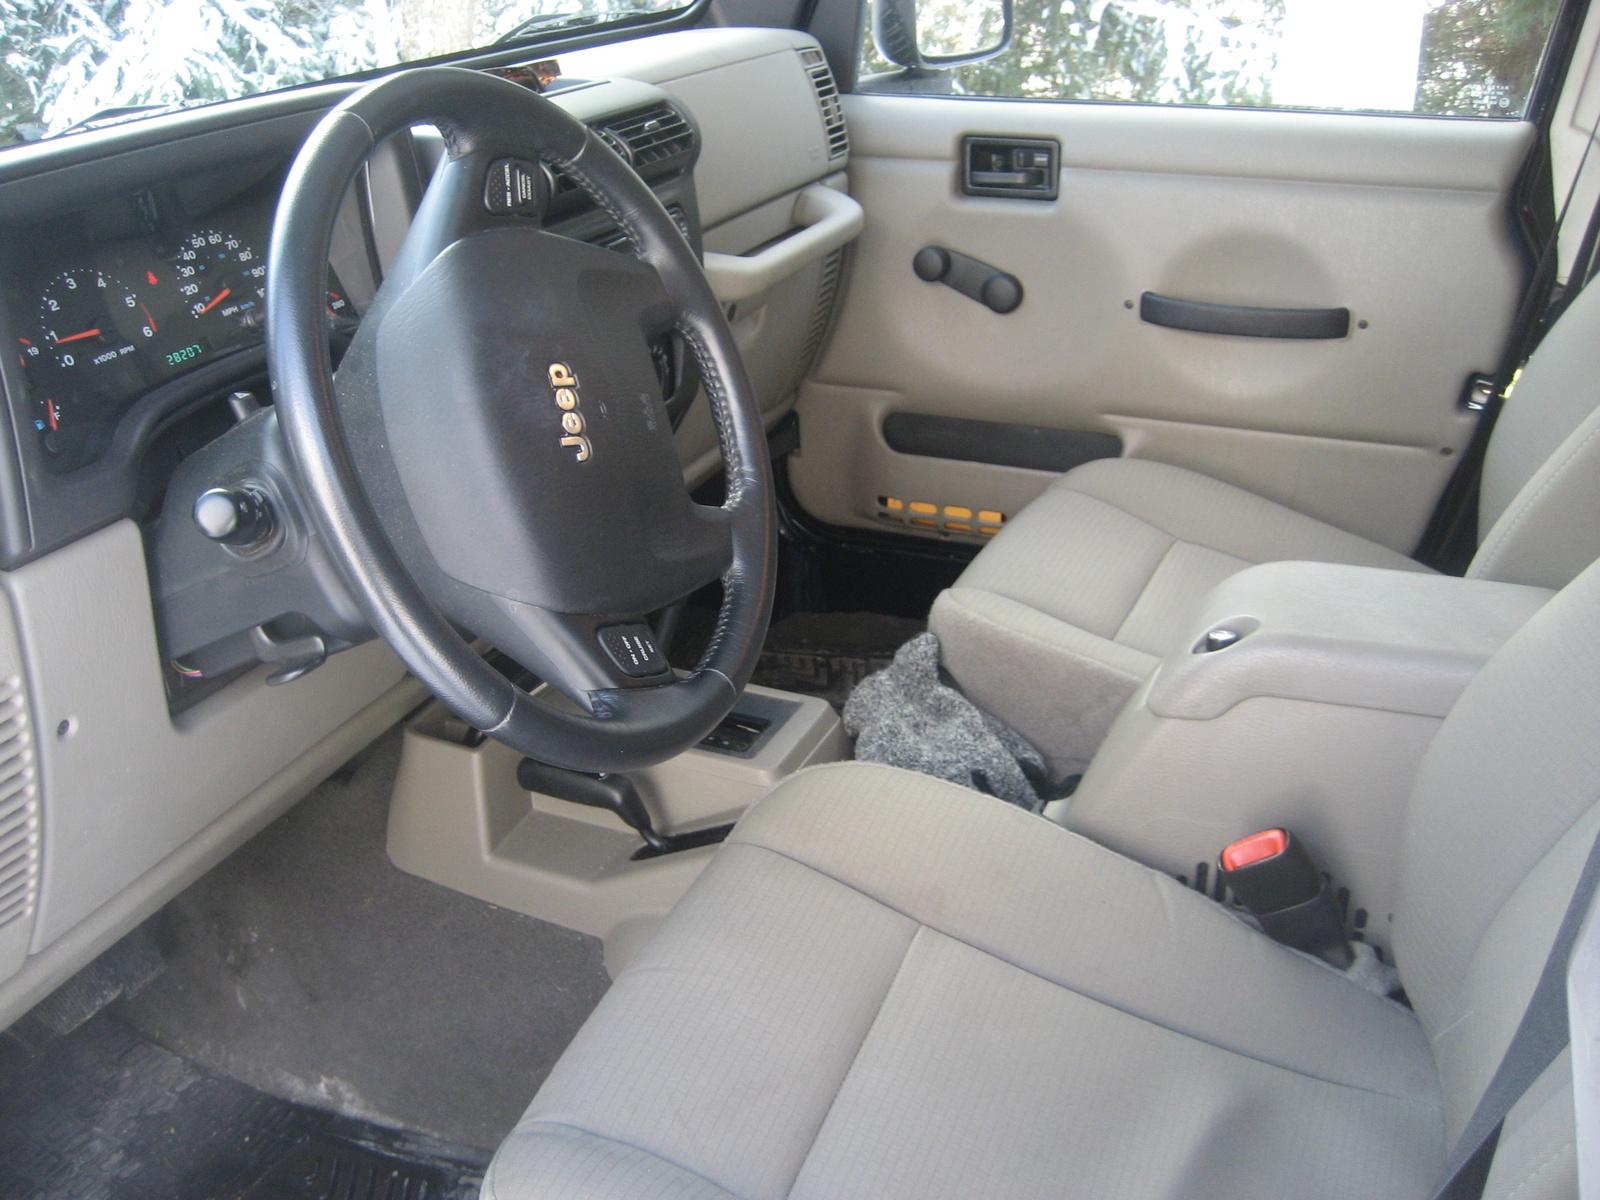 2006 Jeep Wrangler Interior Pictures Cargurus